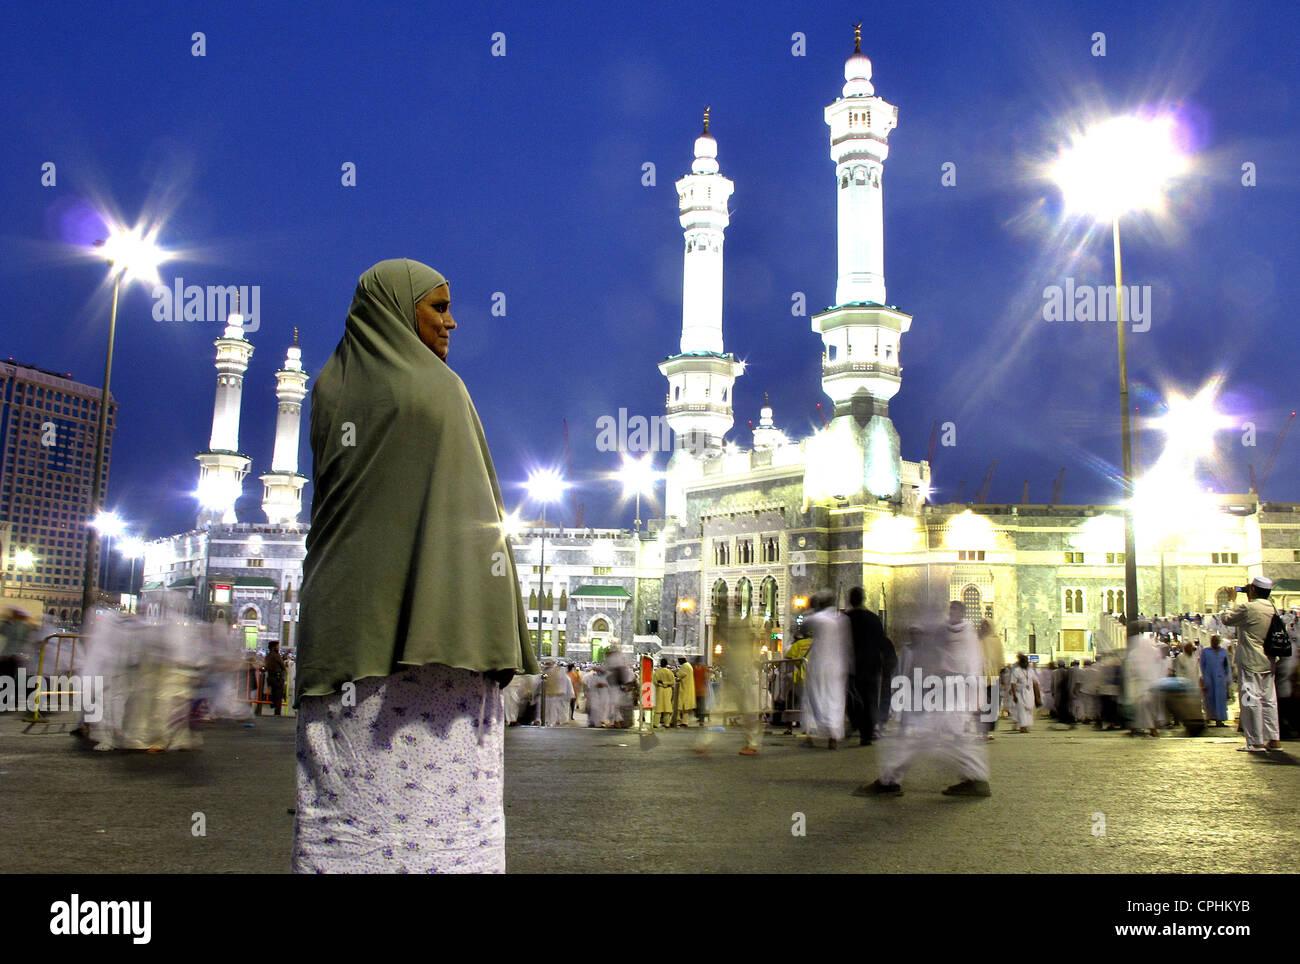 Hajj pellegrinaggio alla Mecca, Al Haram moschea e la Kaaba Arabia Saudita Immagini Stock